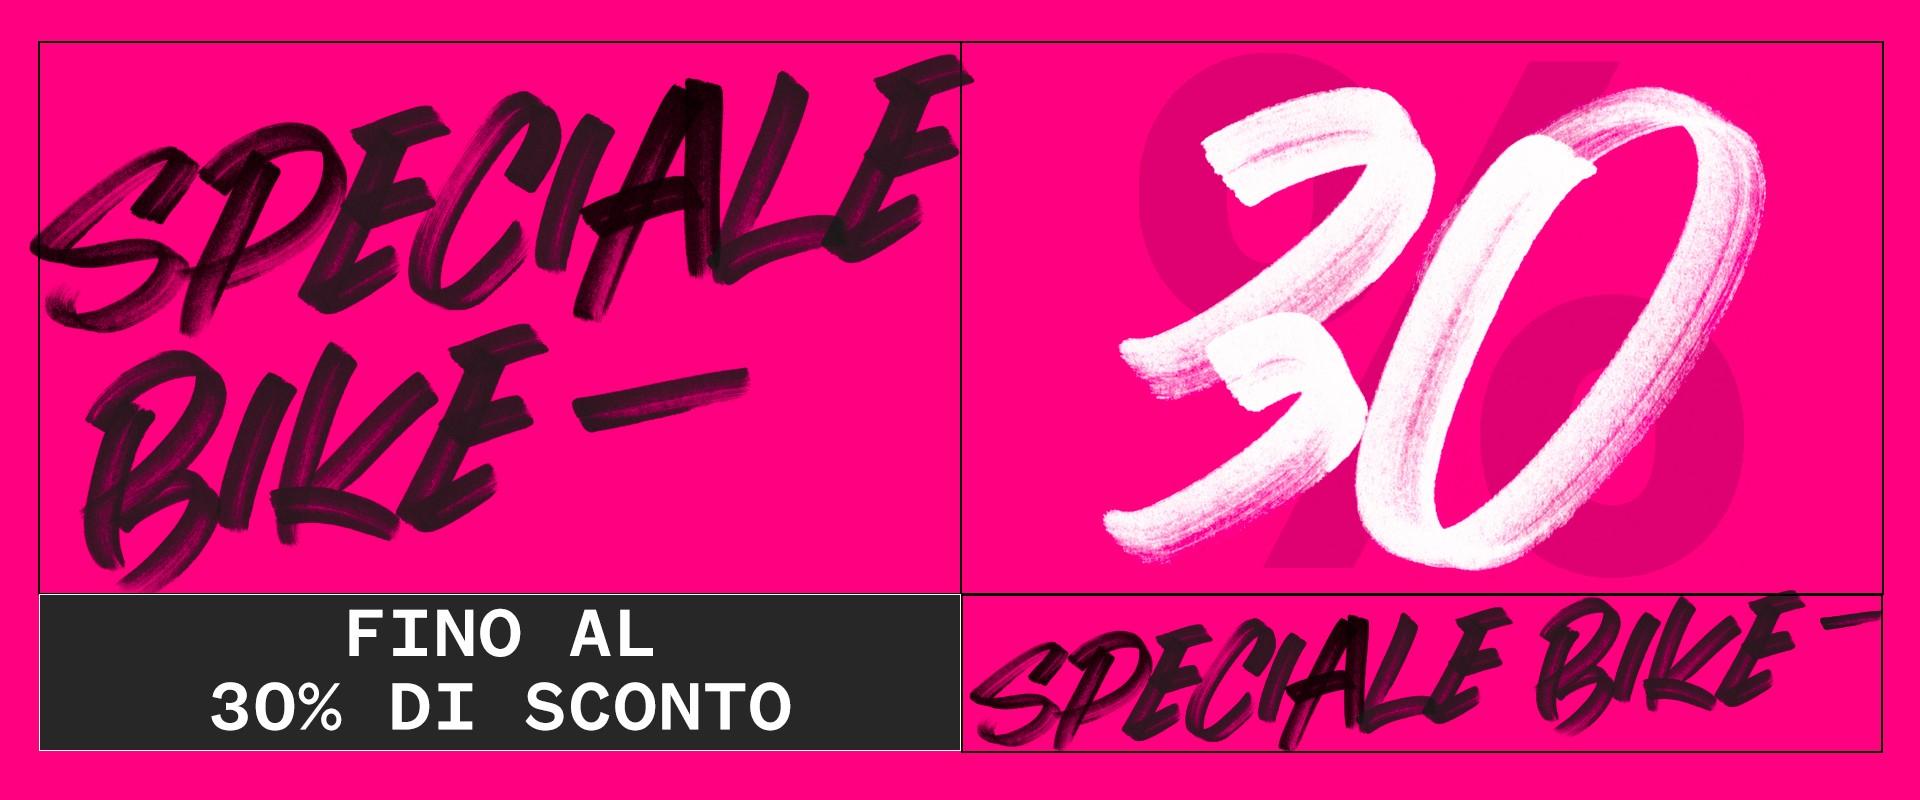 Speciale Ciclismo | Sconti fino al 30%